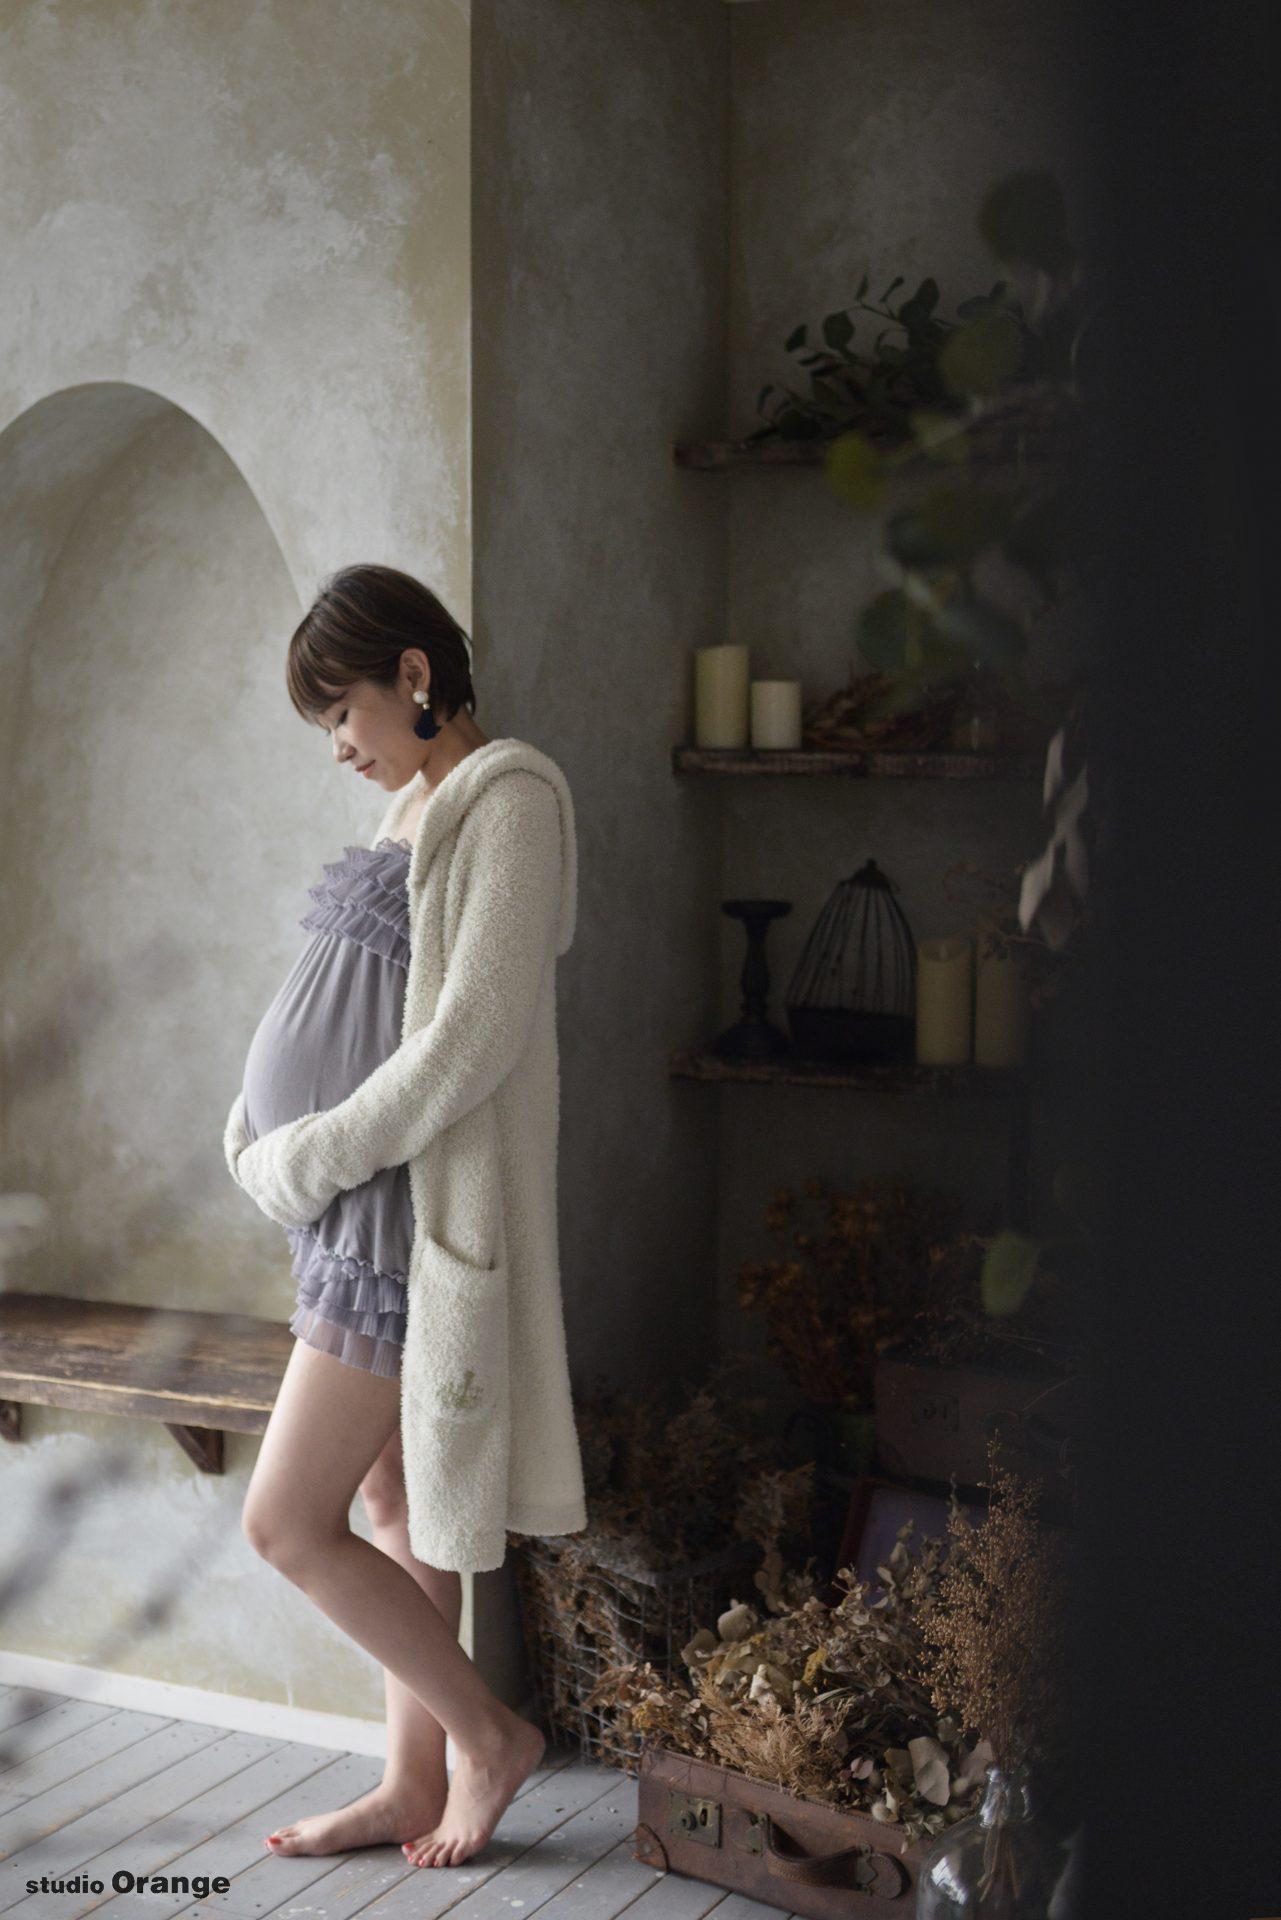 マタニティ マタニティフォト 妊婦 プレママ マタニティドレス